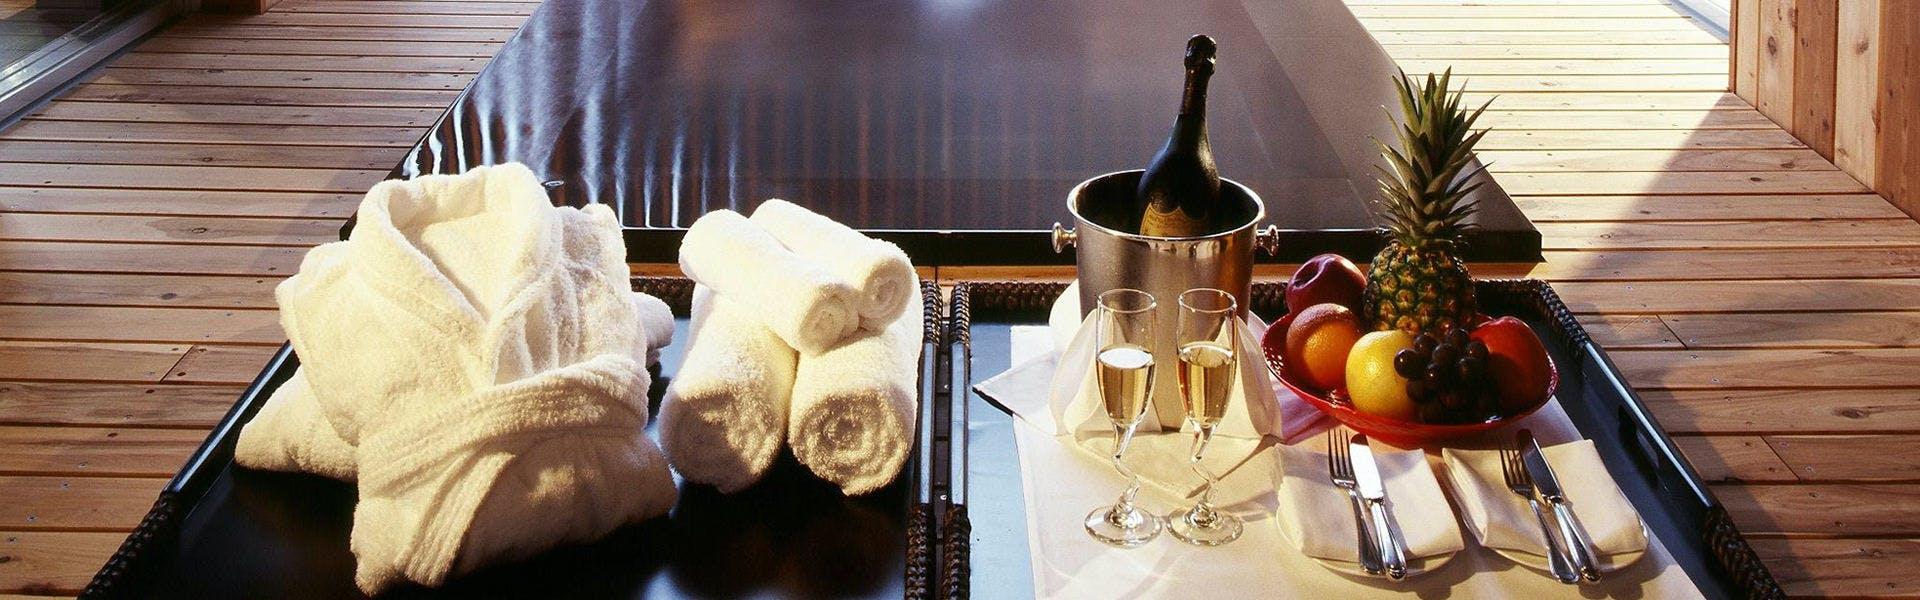 記念日におすすめのホテル・【熱海温泉 Relax Resort Hotel リラックスリゾートホテル】の写真1